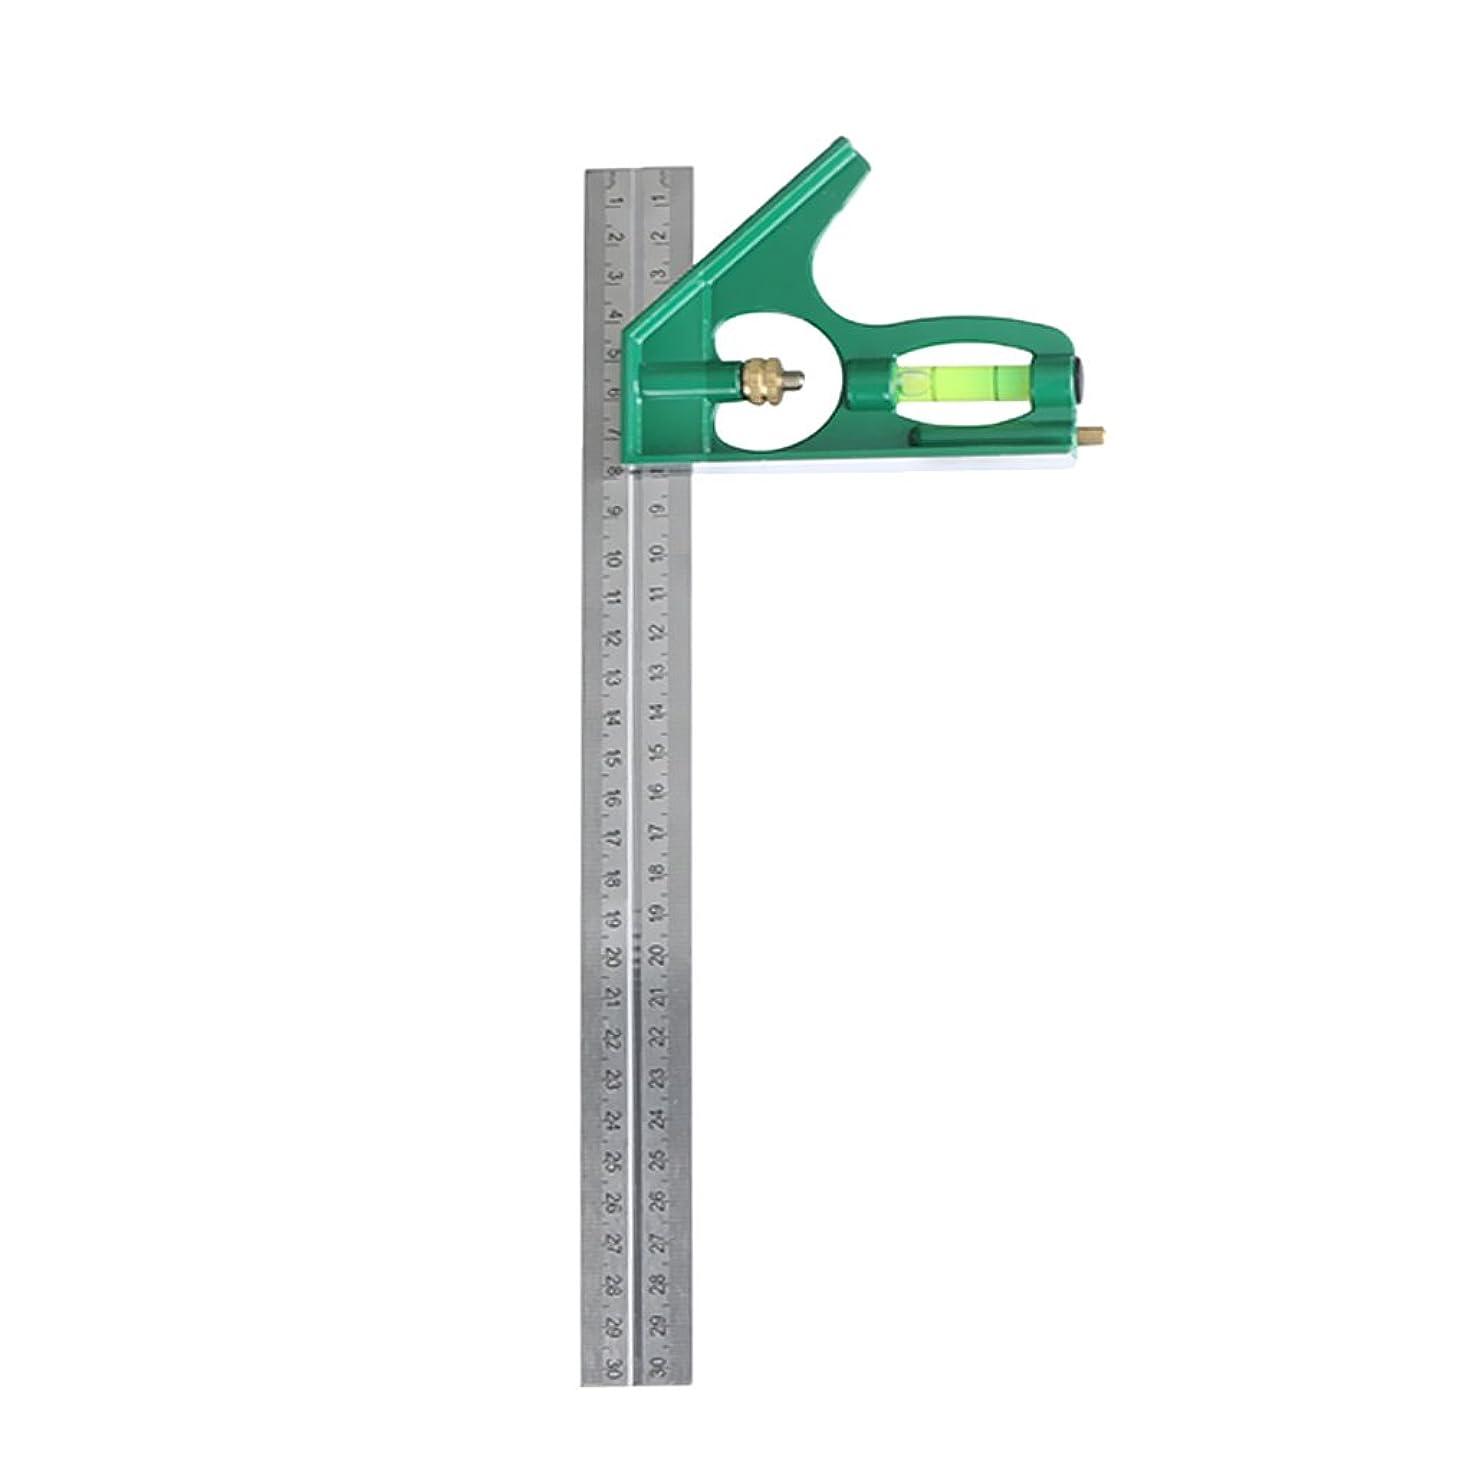 反響するラウズインタビュー角度定規 角度ルーラー 内外角度 測定ツール 木工 産業 12インチ 0-180度 多機能 読みやすい 全2色 - 緑